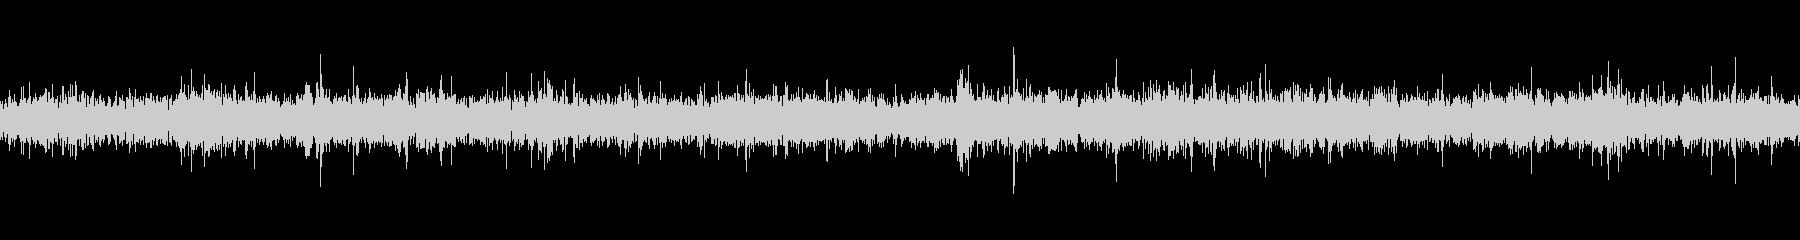 川の流れる音(ループ仕様)の未再生の波形